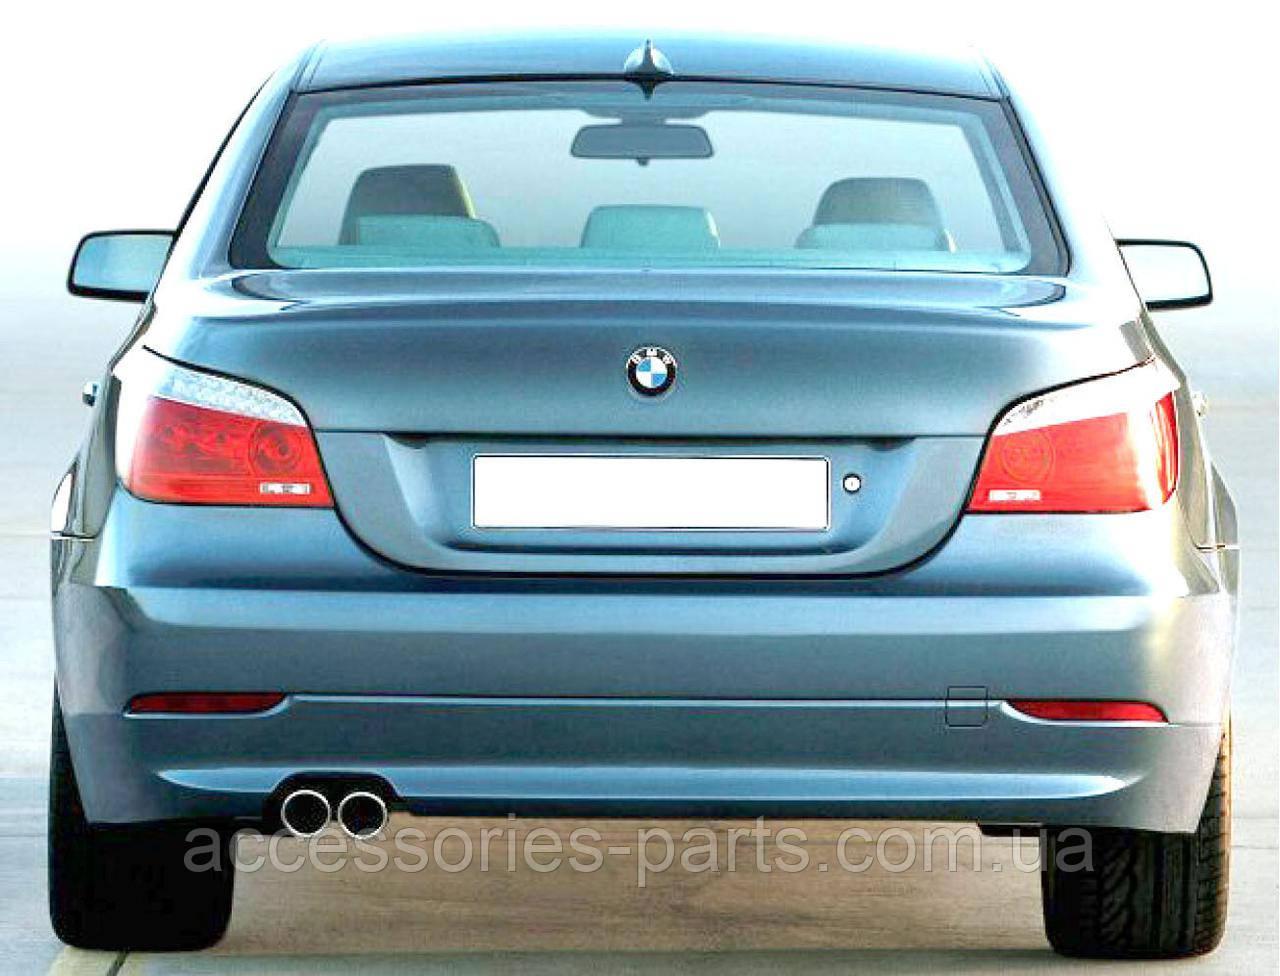 Отражатель (катафот) Левый Правый на заднем бампере BMW E60 Новый Оригинальный - фото 2